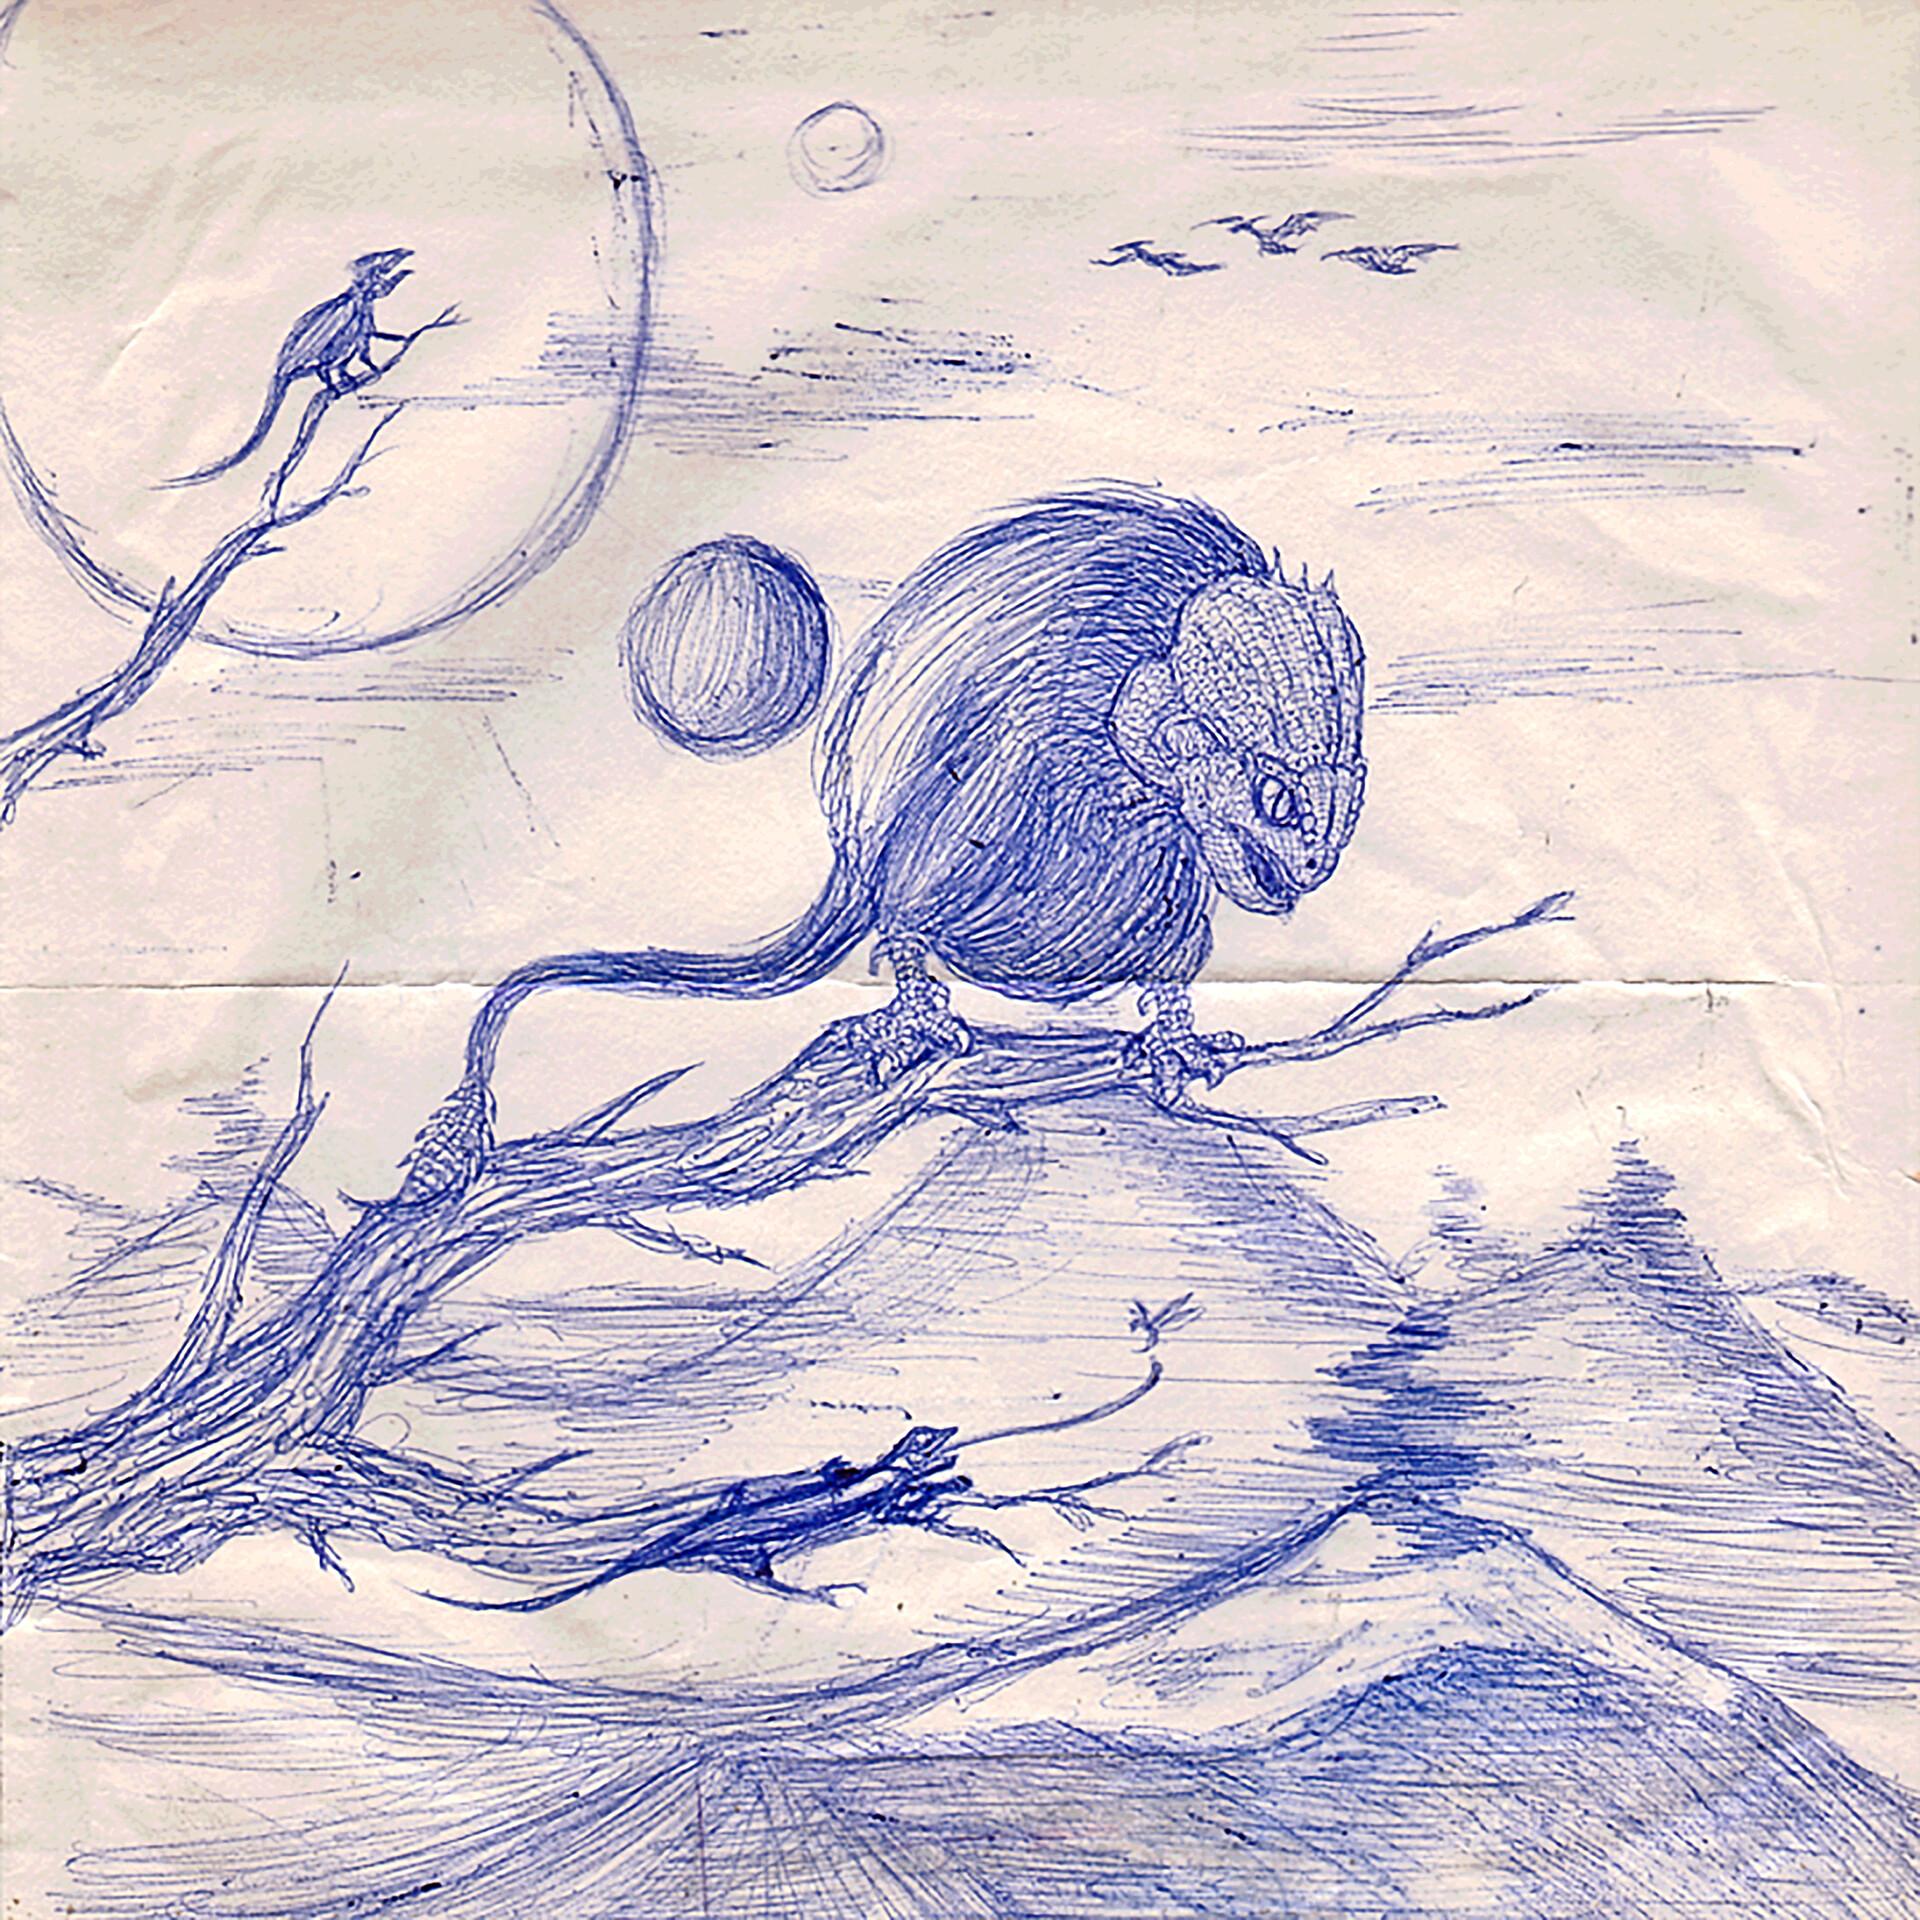 Eric lynx lin alienreptiles00